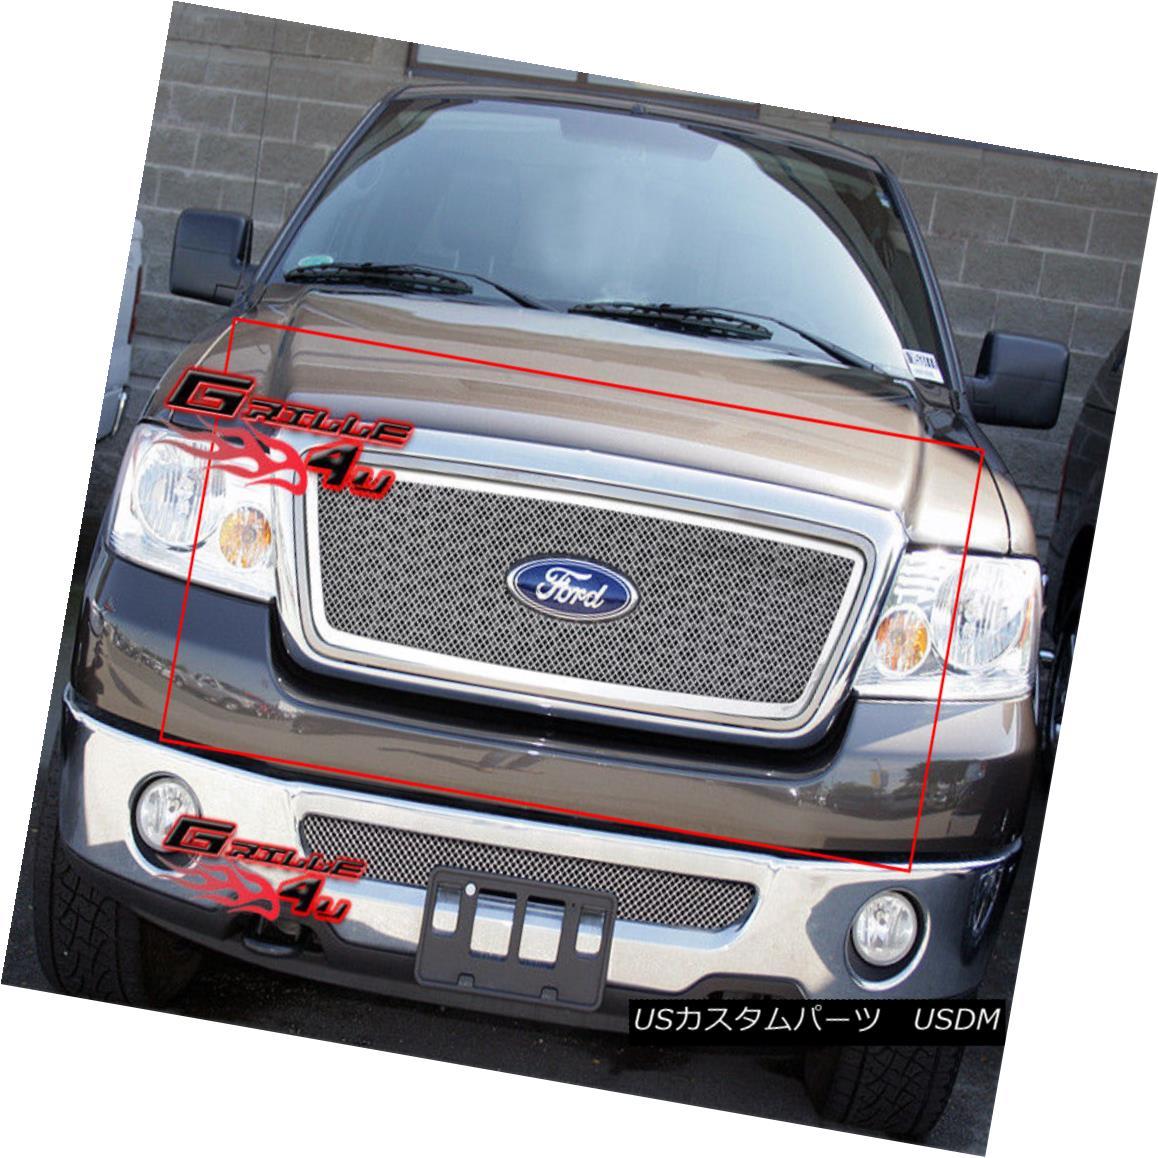 グリル Fits 04-08 Ford F-150 Stainless Steel Honeycomb Style Wire Mesh Grille Insert フィット04 - 08フォードF - 150ステンレススチールハニカムスタイルワイヤメッシュグリルインサート